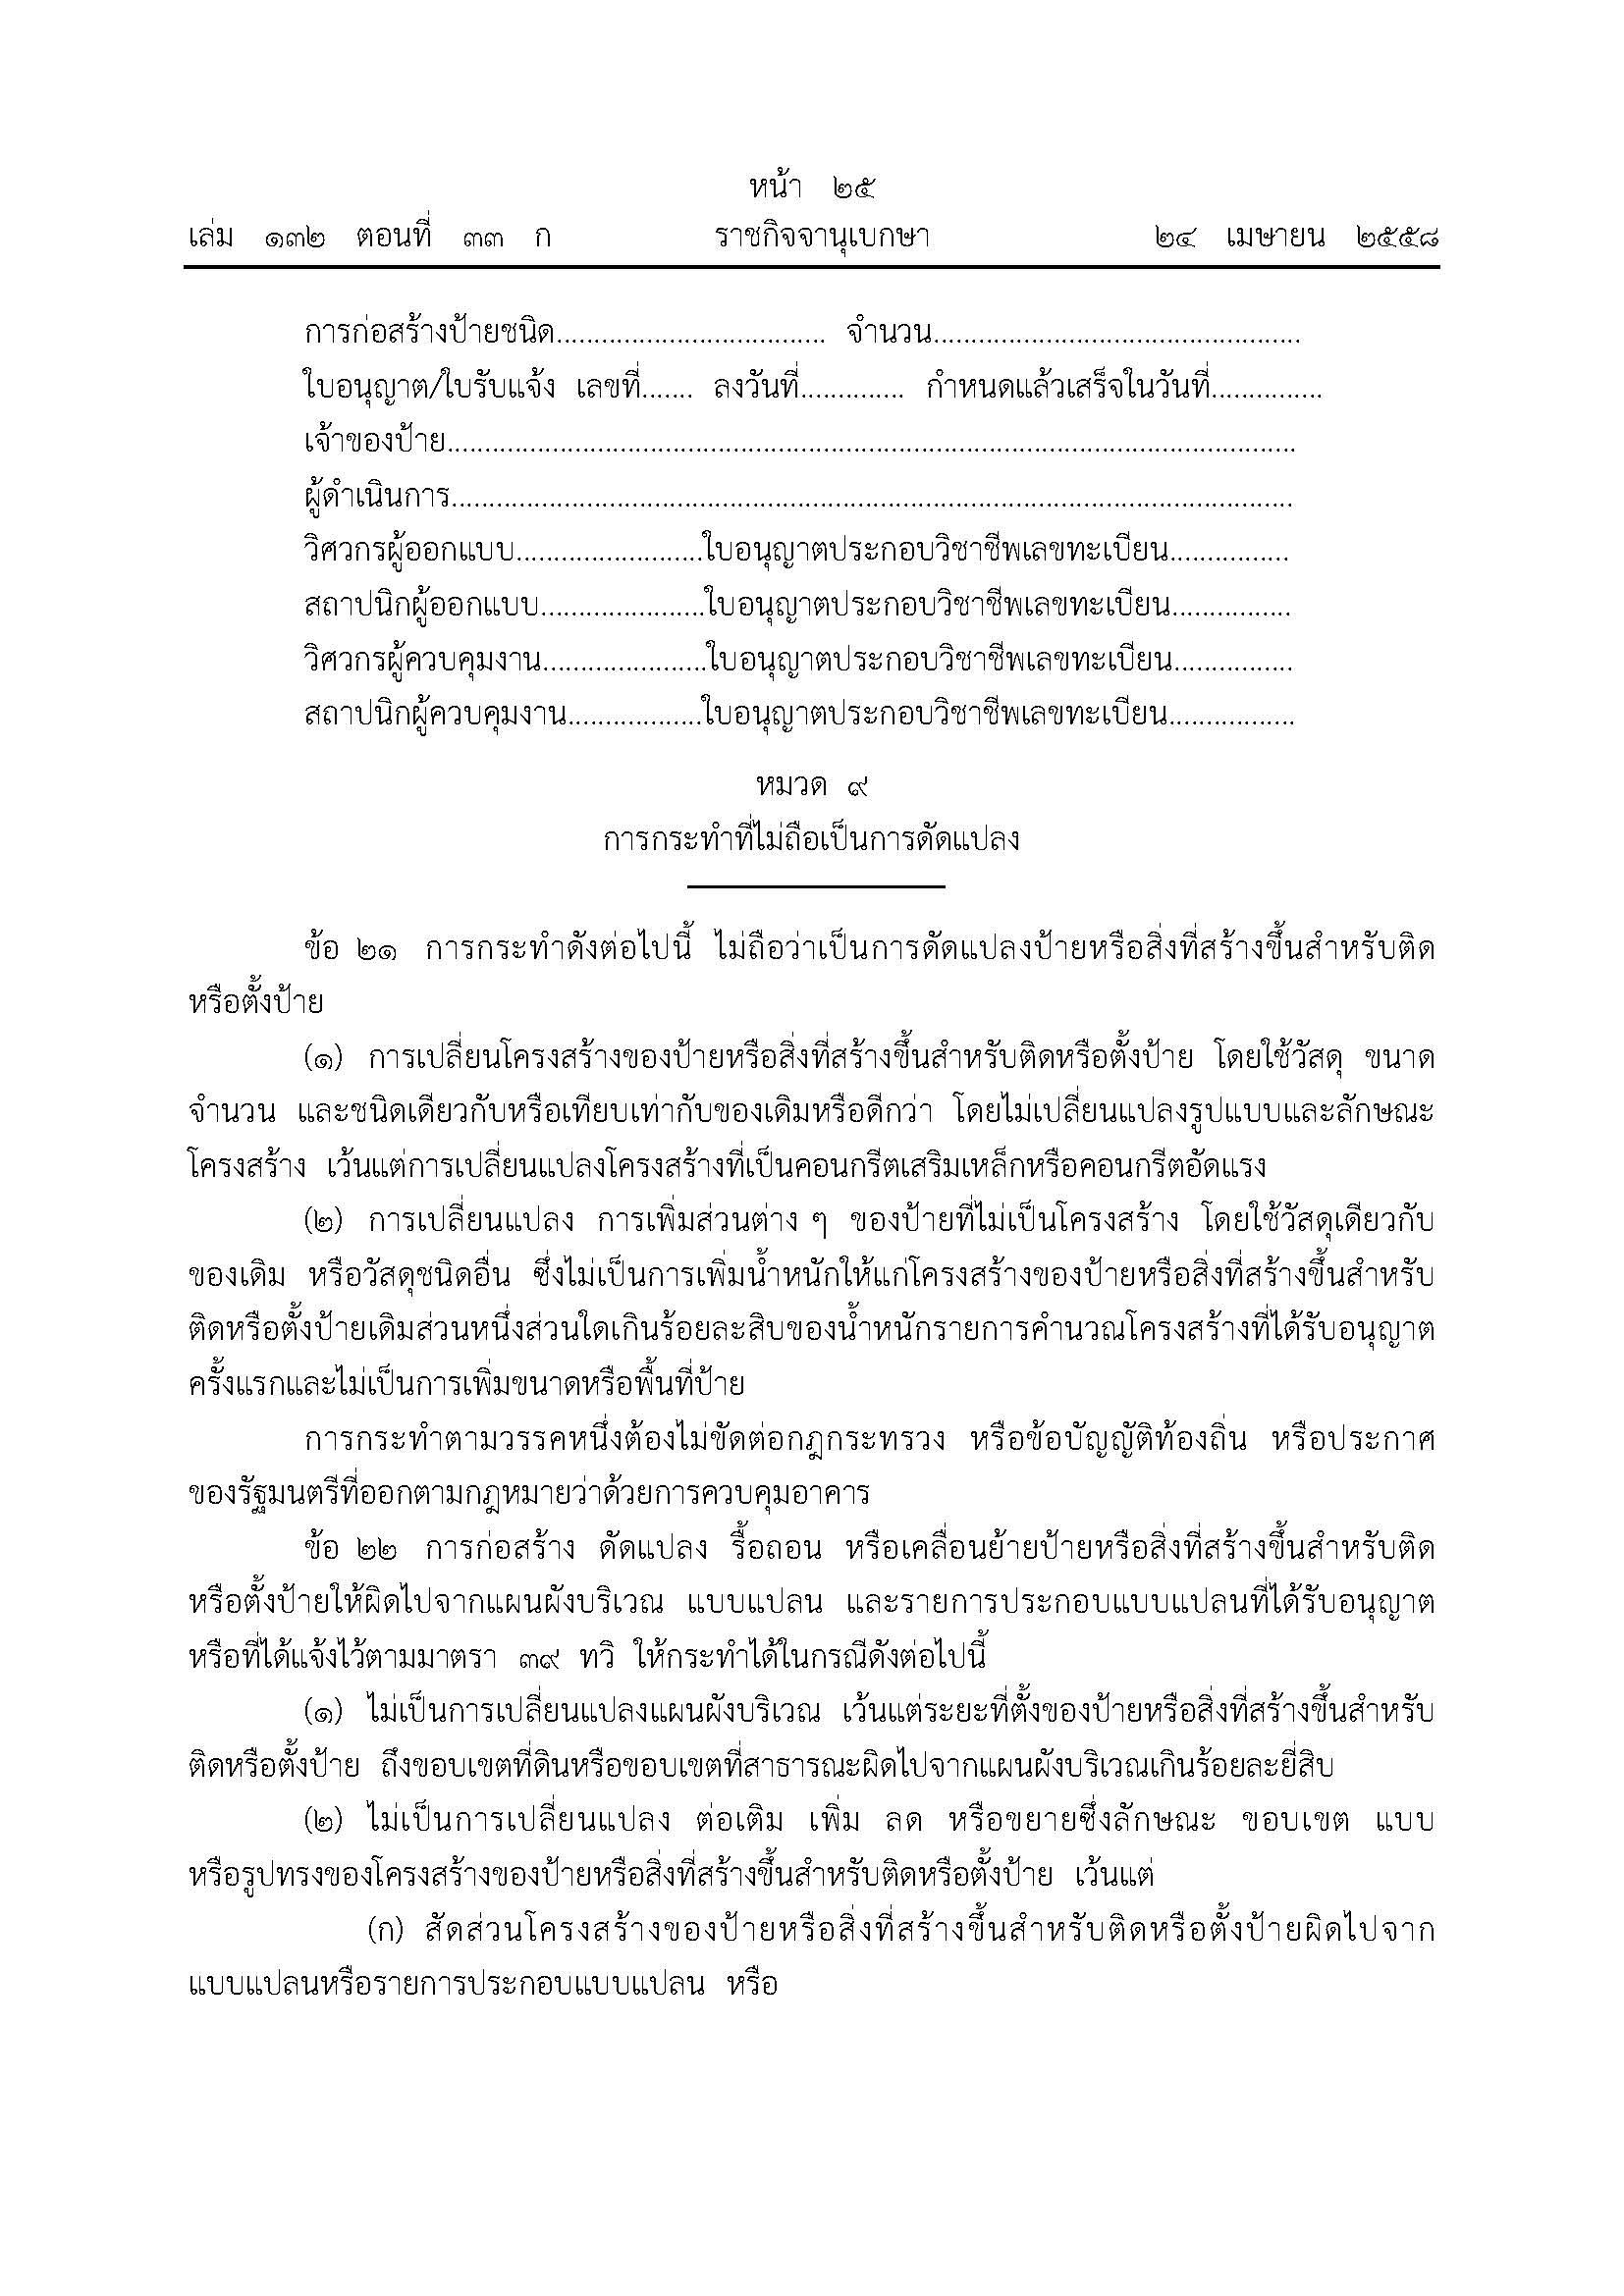 กฎกระทรวง 2558_Page_07